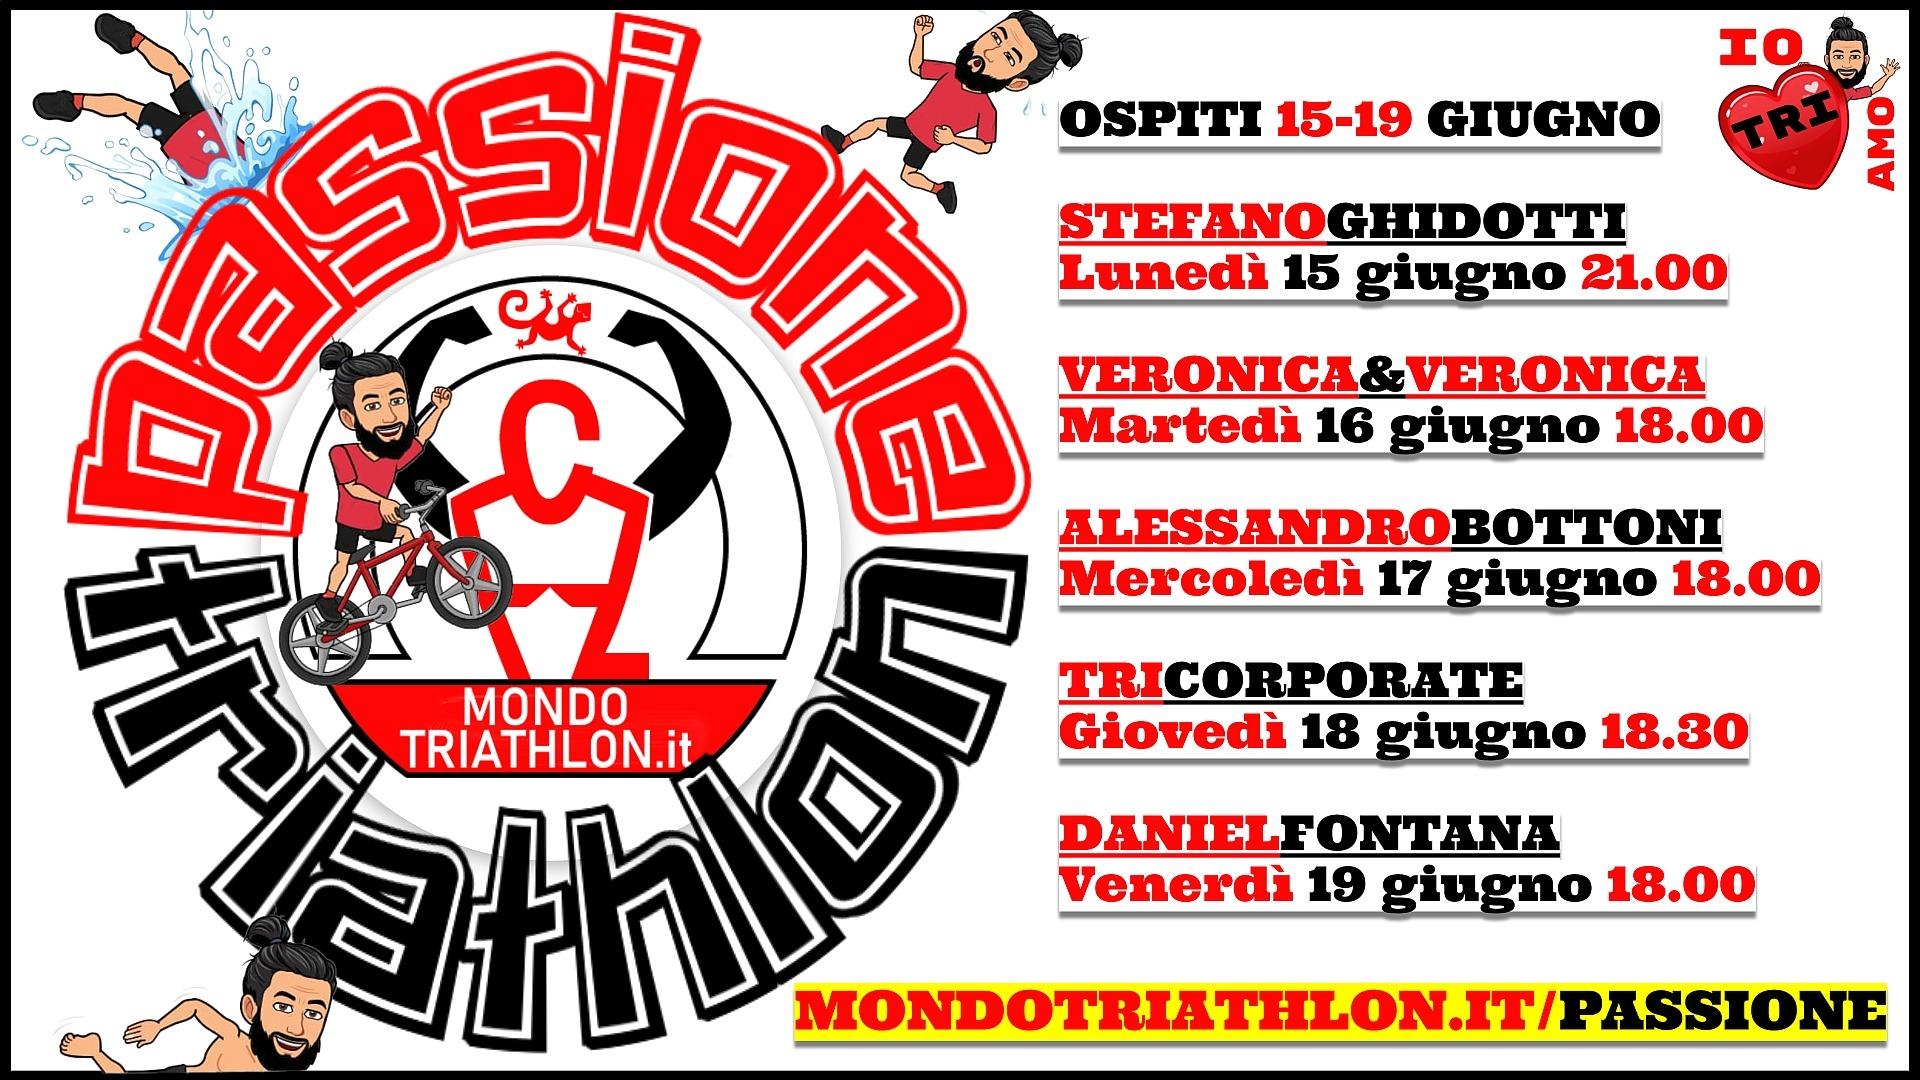 Passione Triathlon, il palinsesto dal 15 al 19 giugno 2020